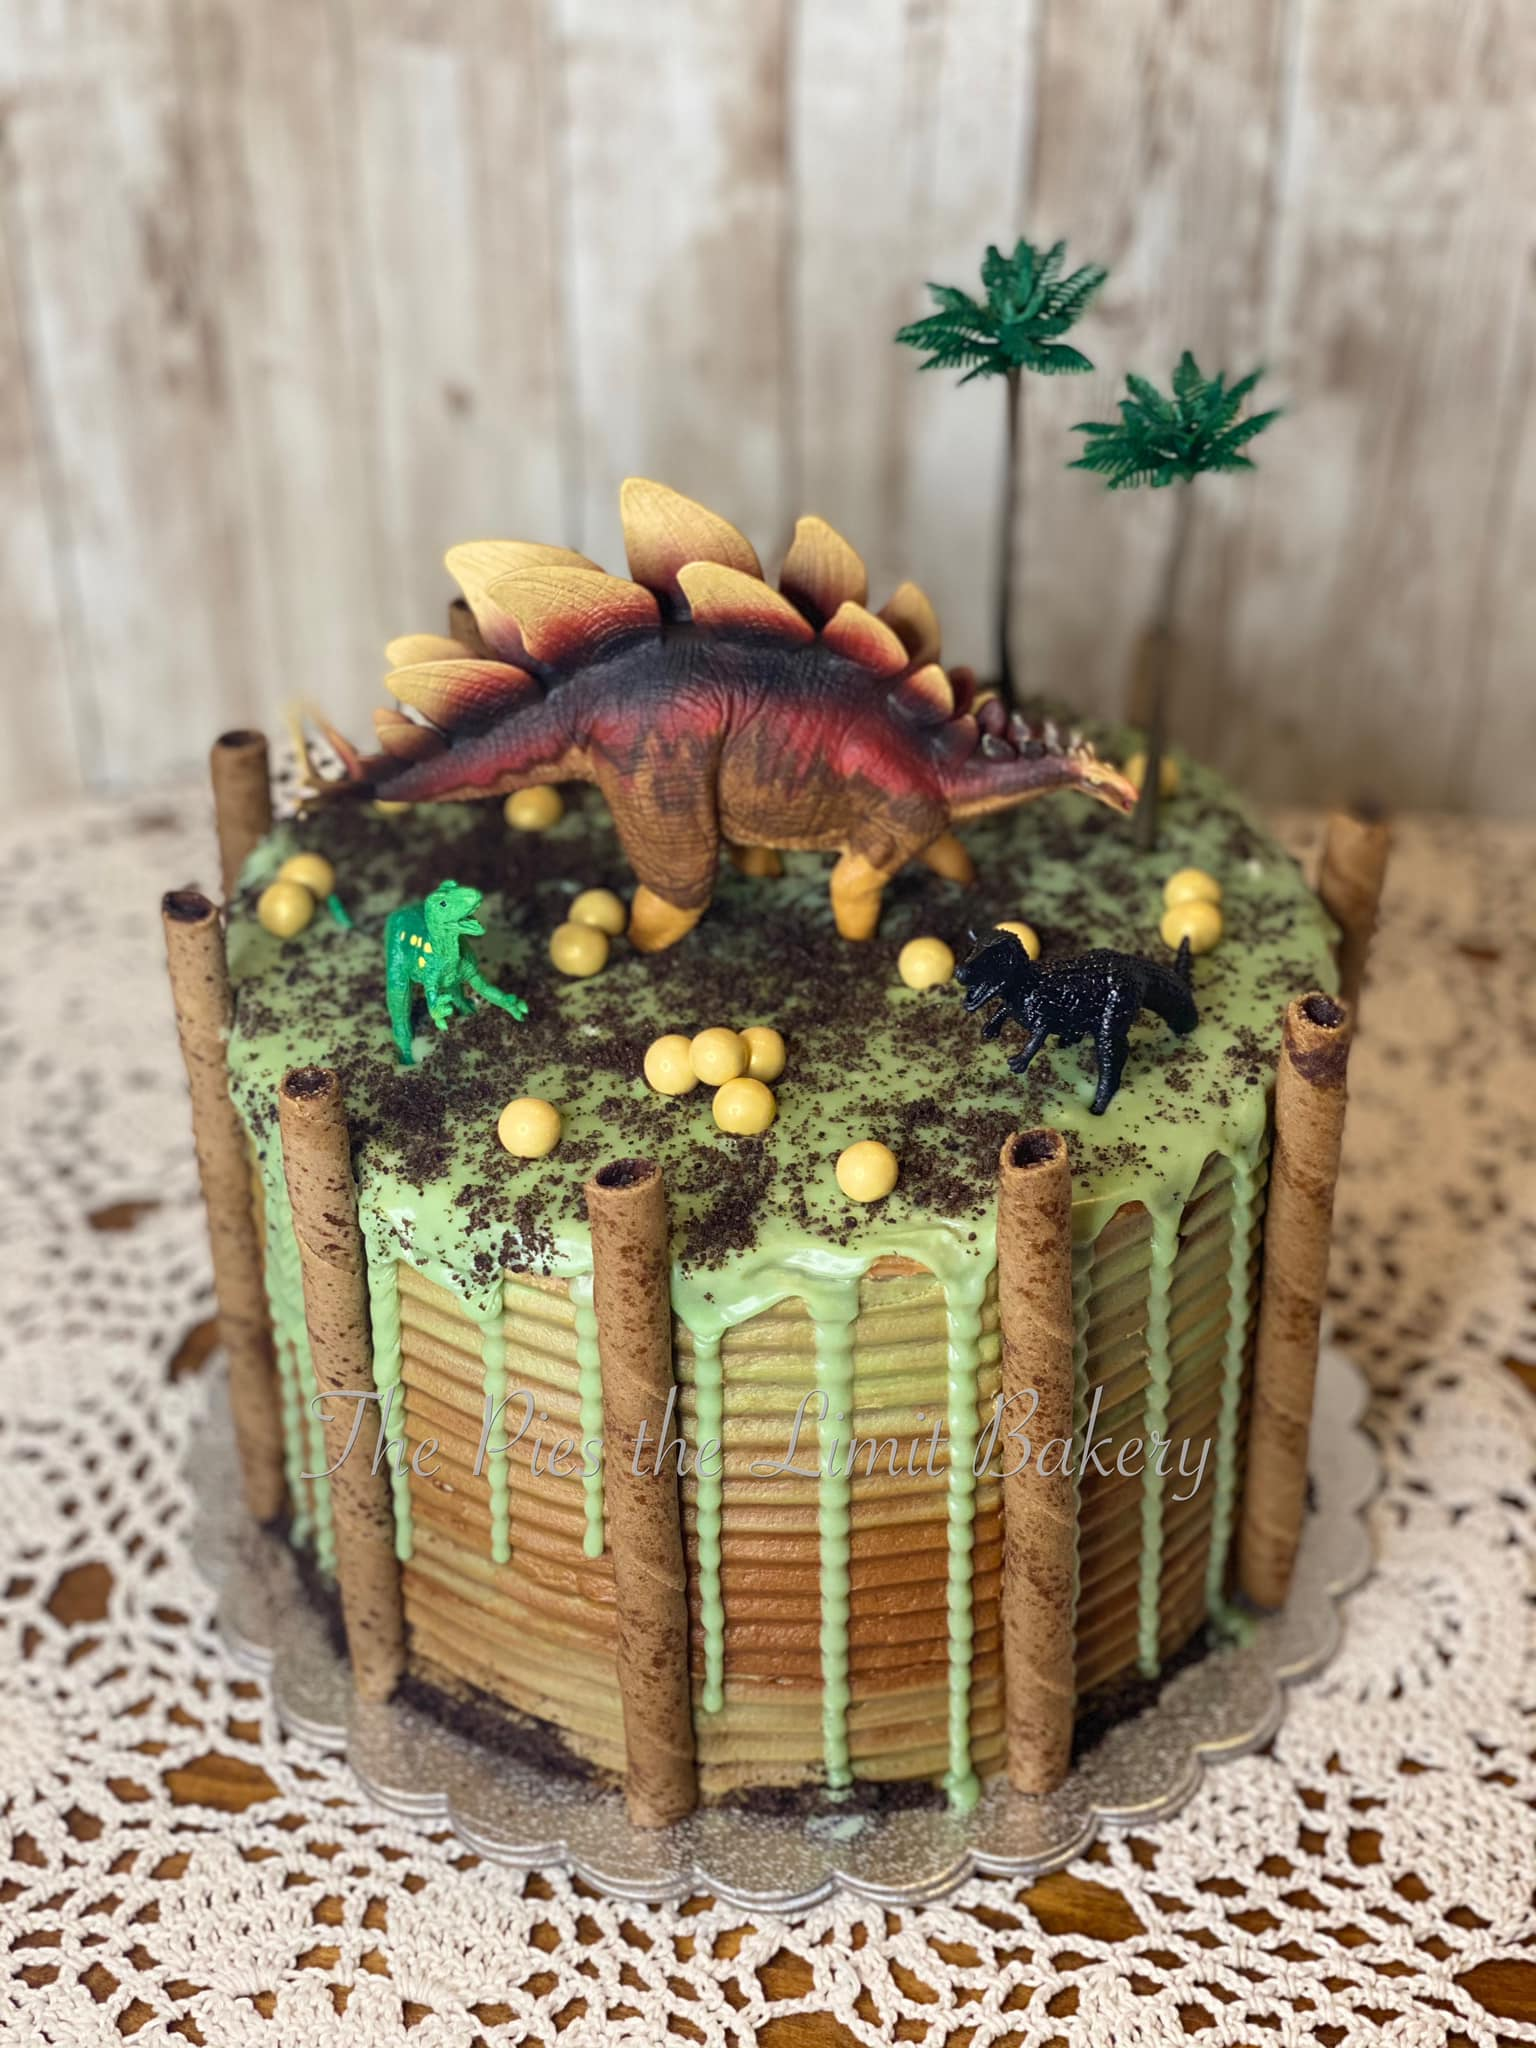 dinasaur cake.jpg